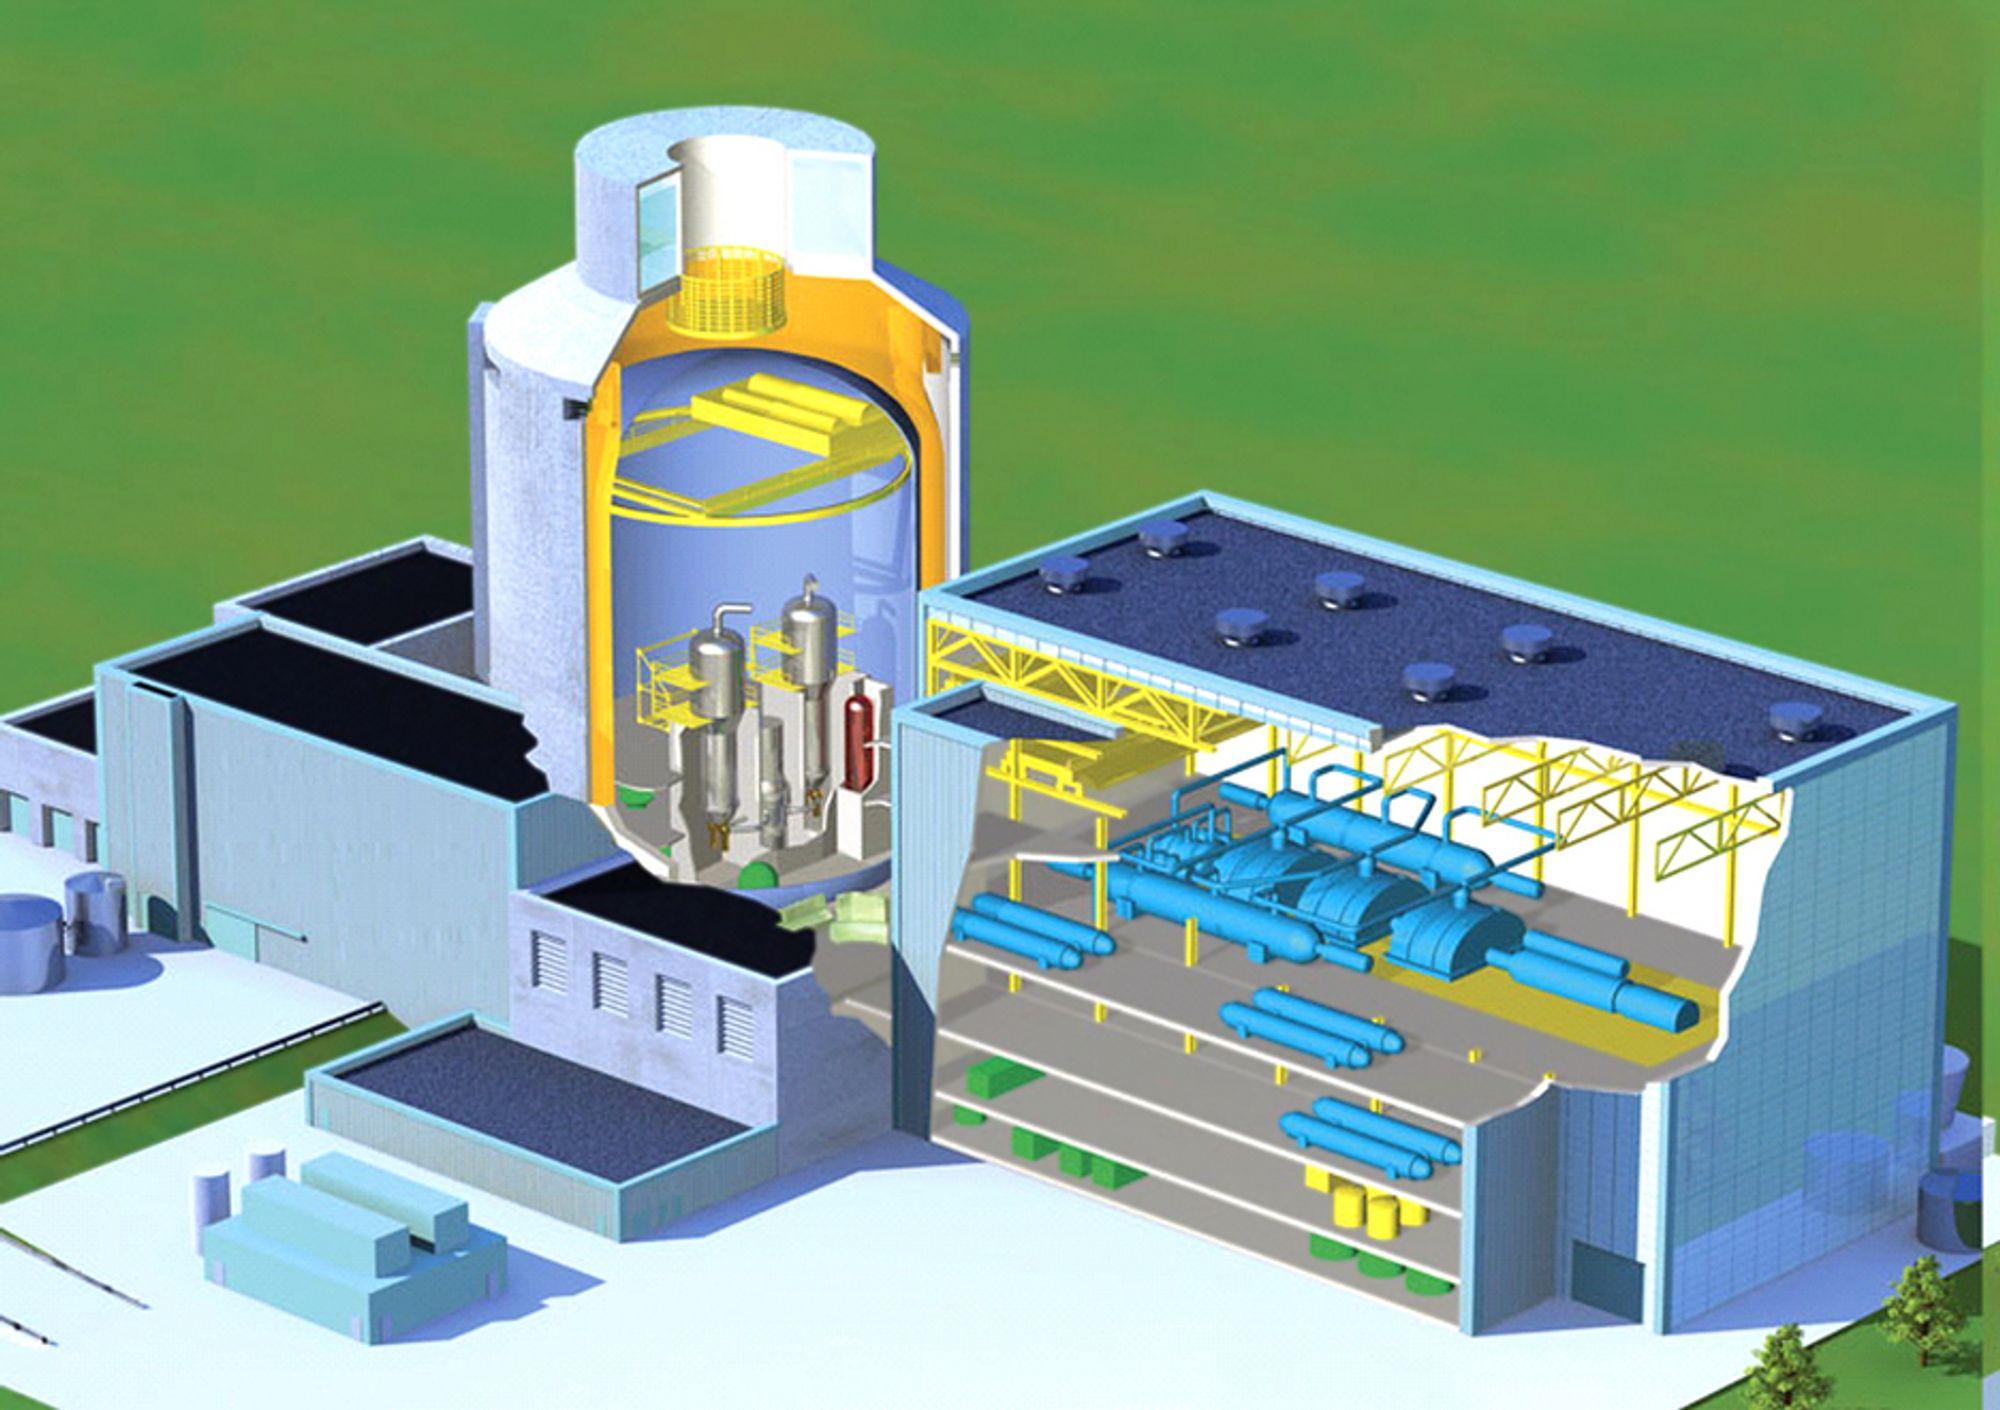 KAN BRENNE THORIUM:Westinghouse AP1000 er den største og mest moderne, såkalte Generasjon 3 lettvannsreaktorer. Den kan lett konverteres til thorium og gi 1000 MW i hver av de to reaktorene. To reaktorer er en fordel slik at en kan være i drift når den andre bytter brennstoff. Anlegget vil bli verdens største med en toppeffekt på 2200 MW. Det nye finske atomkraftverket har to reaktorer på 750 MW hver. Ill: Westinghouse.